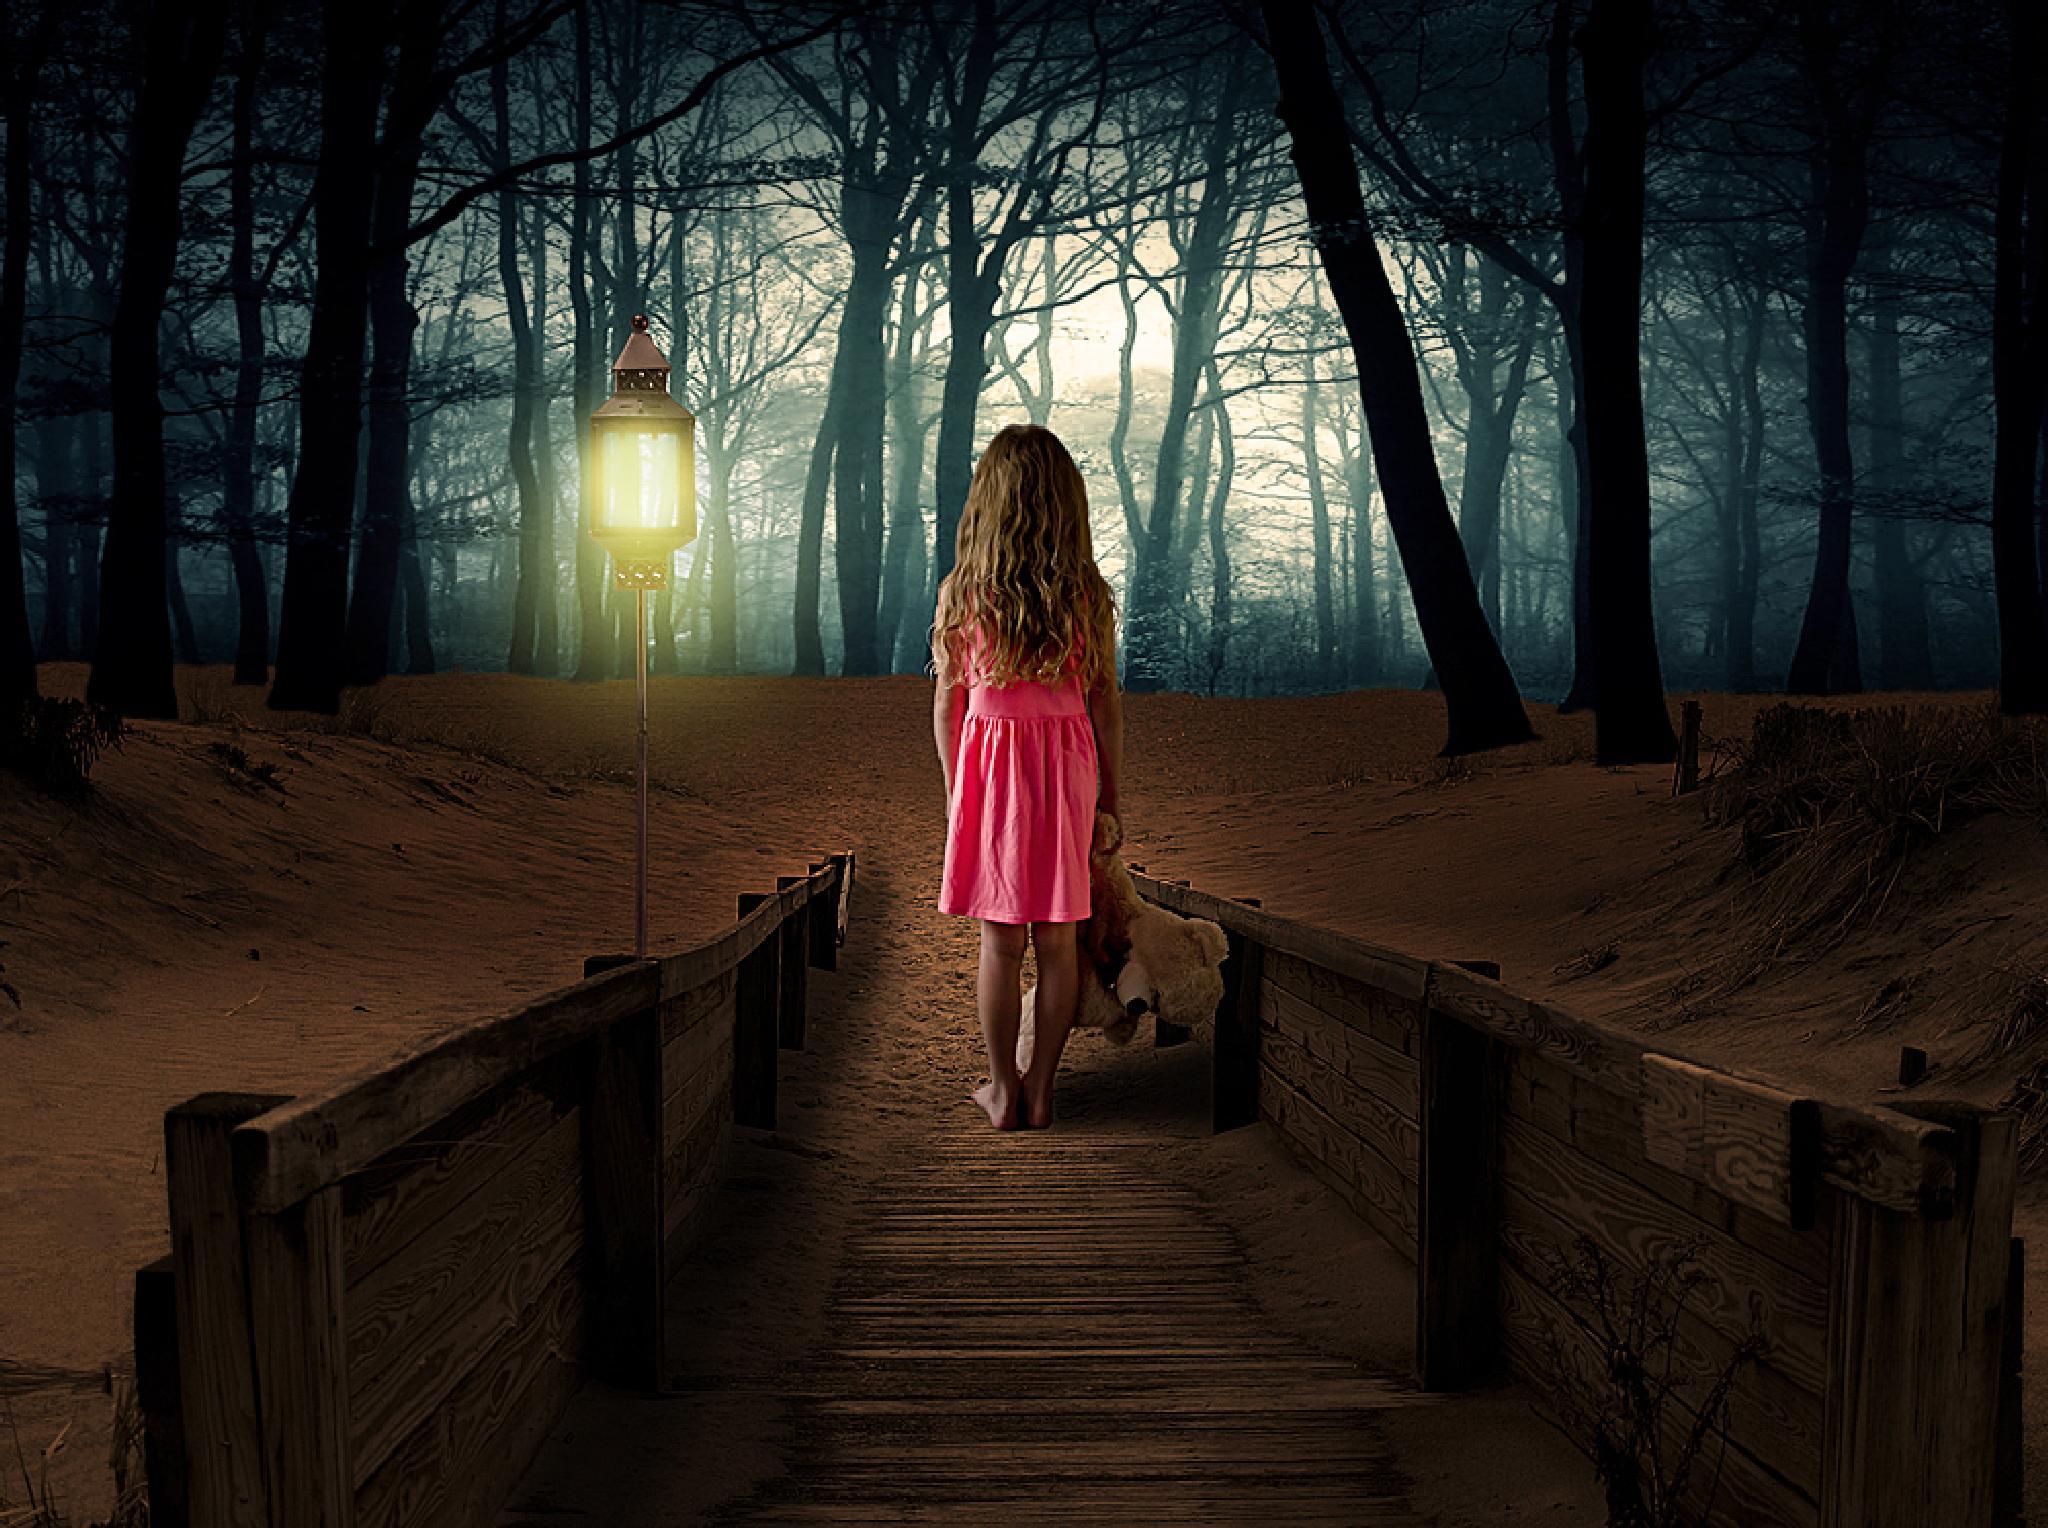 Little girl lost by alda.sykes